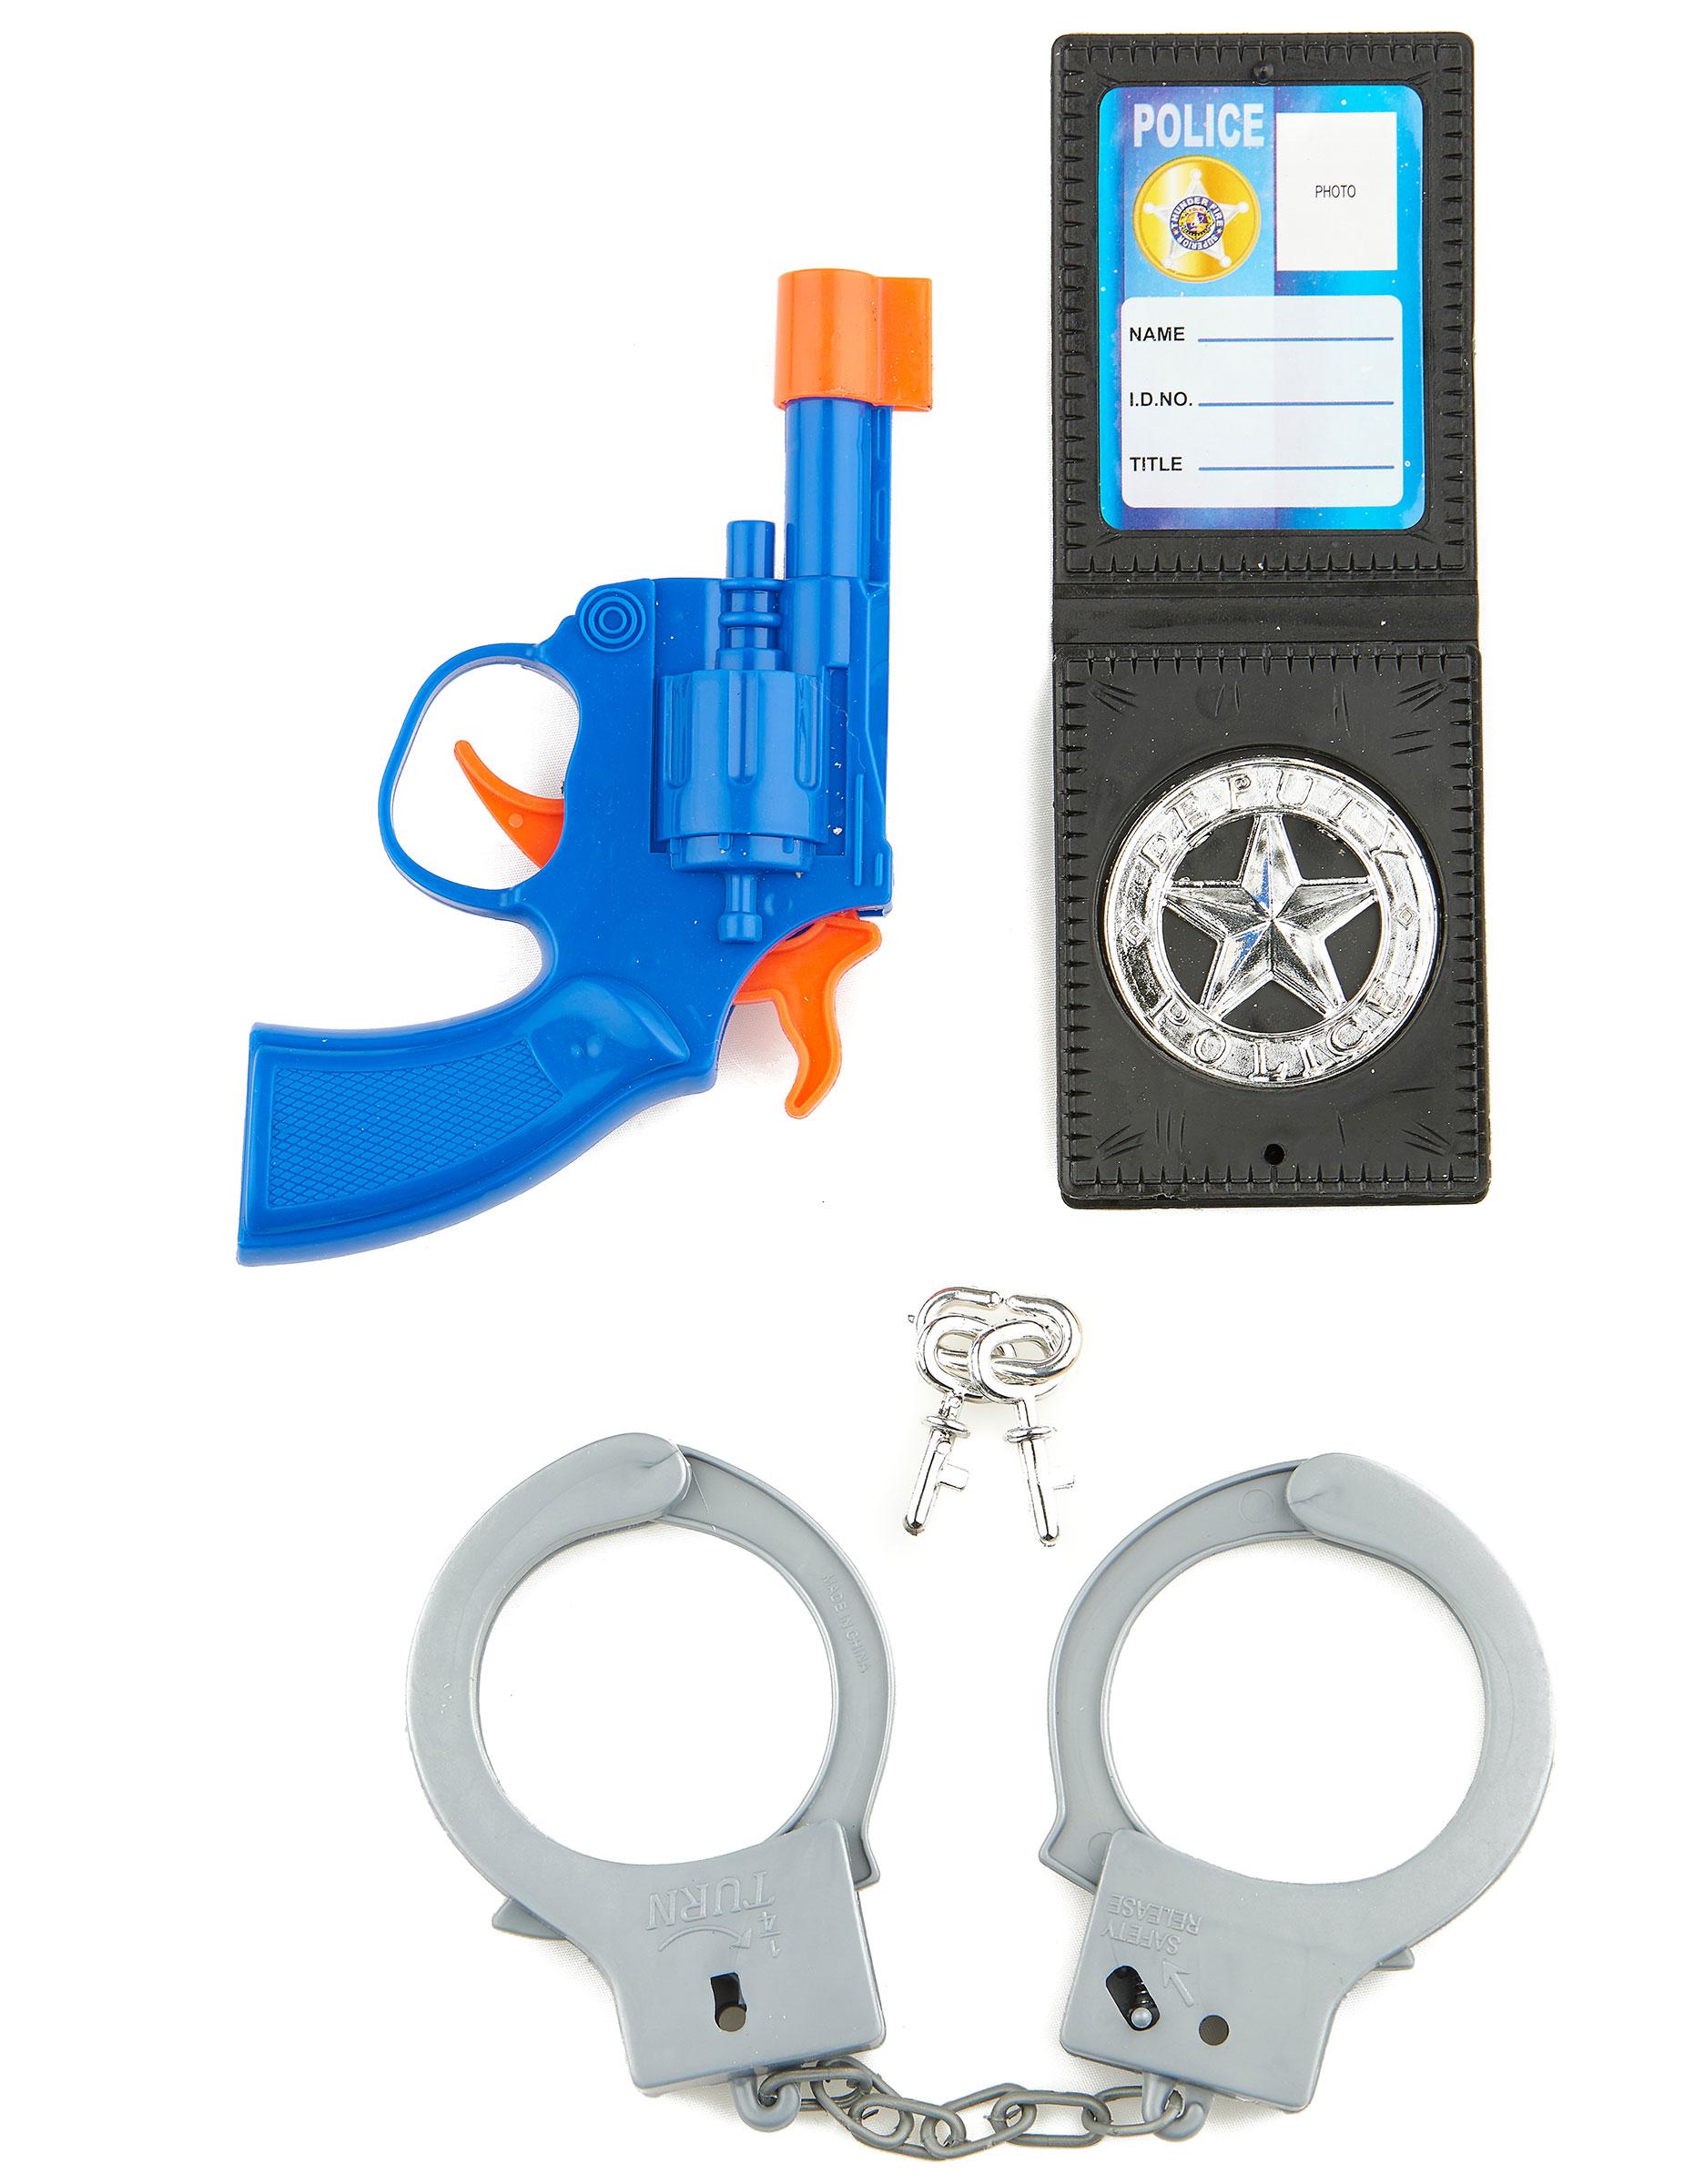 polizei set für kinder bunt accessoiresund günstige